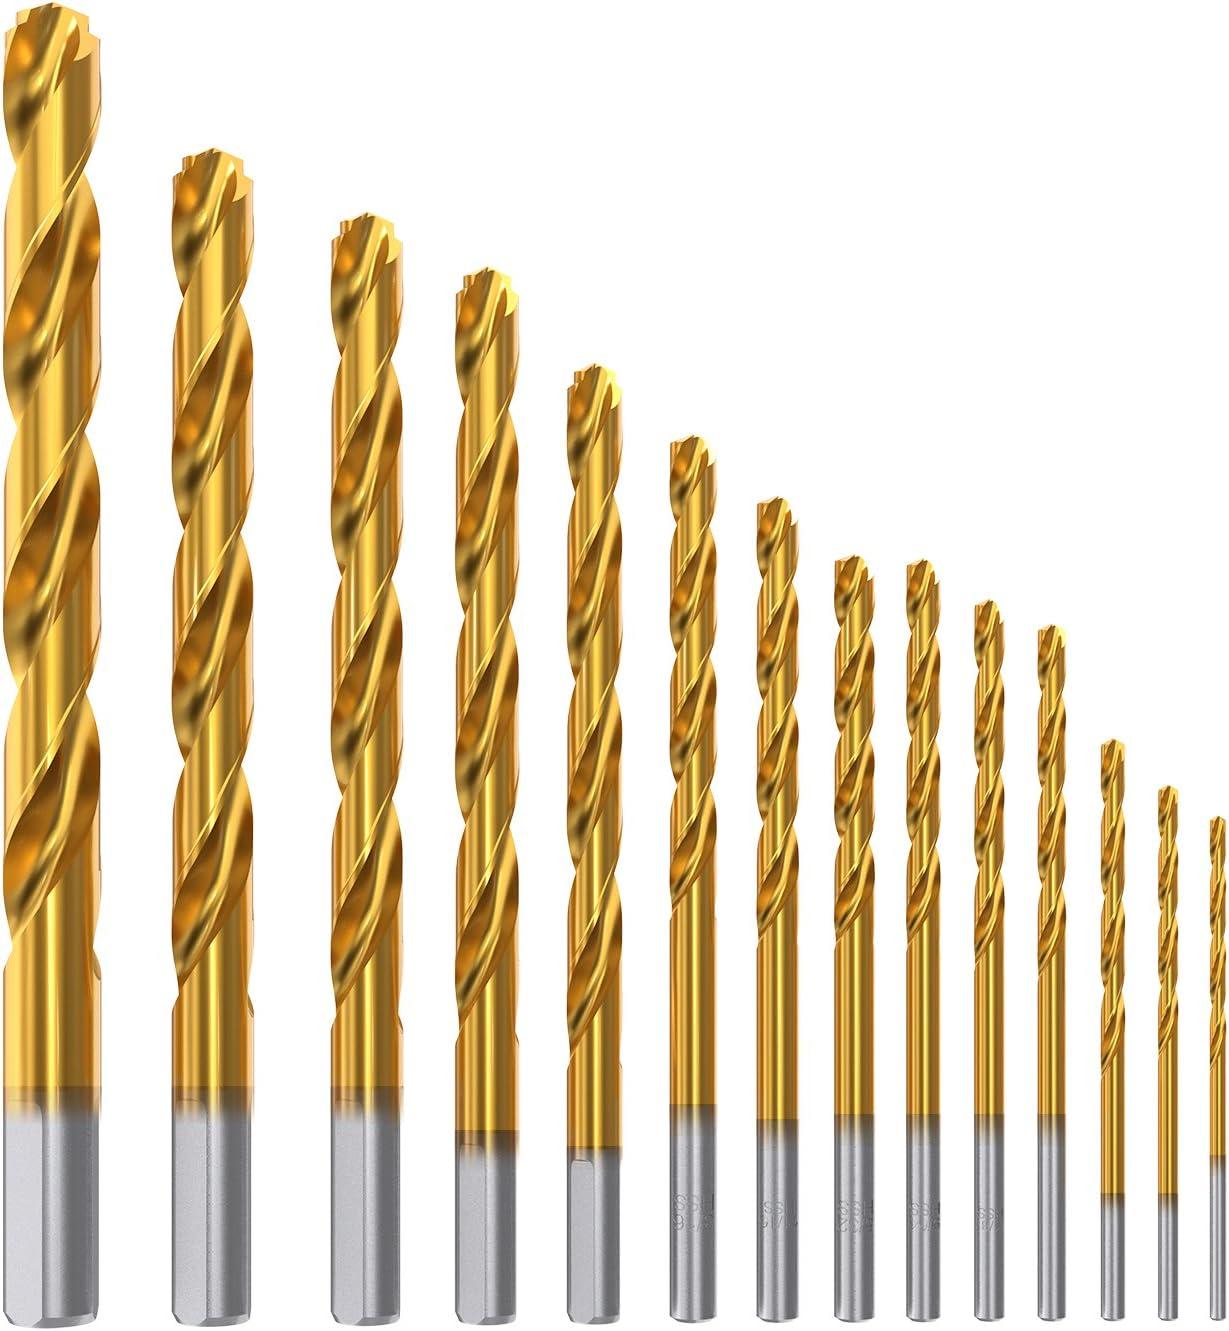 Meterk 14 Piezas Helicoidales Juego de Brocas Taladro de Titanio Acero HSS M2 Poco Brocas 1.6/2 / 2.4/2.8/3.2/3.6/4 / 4.3/4.7/5.5/6.4/7.1/7.8/9.5mm